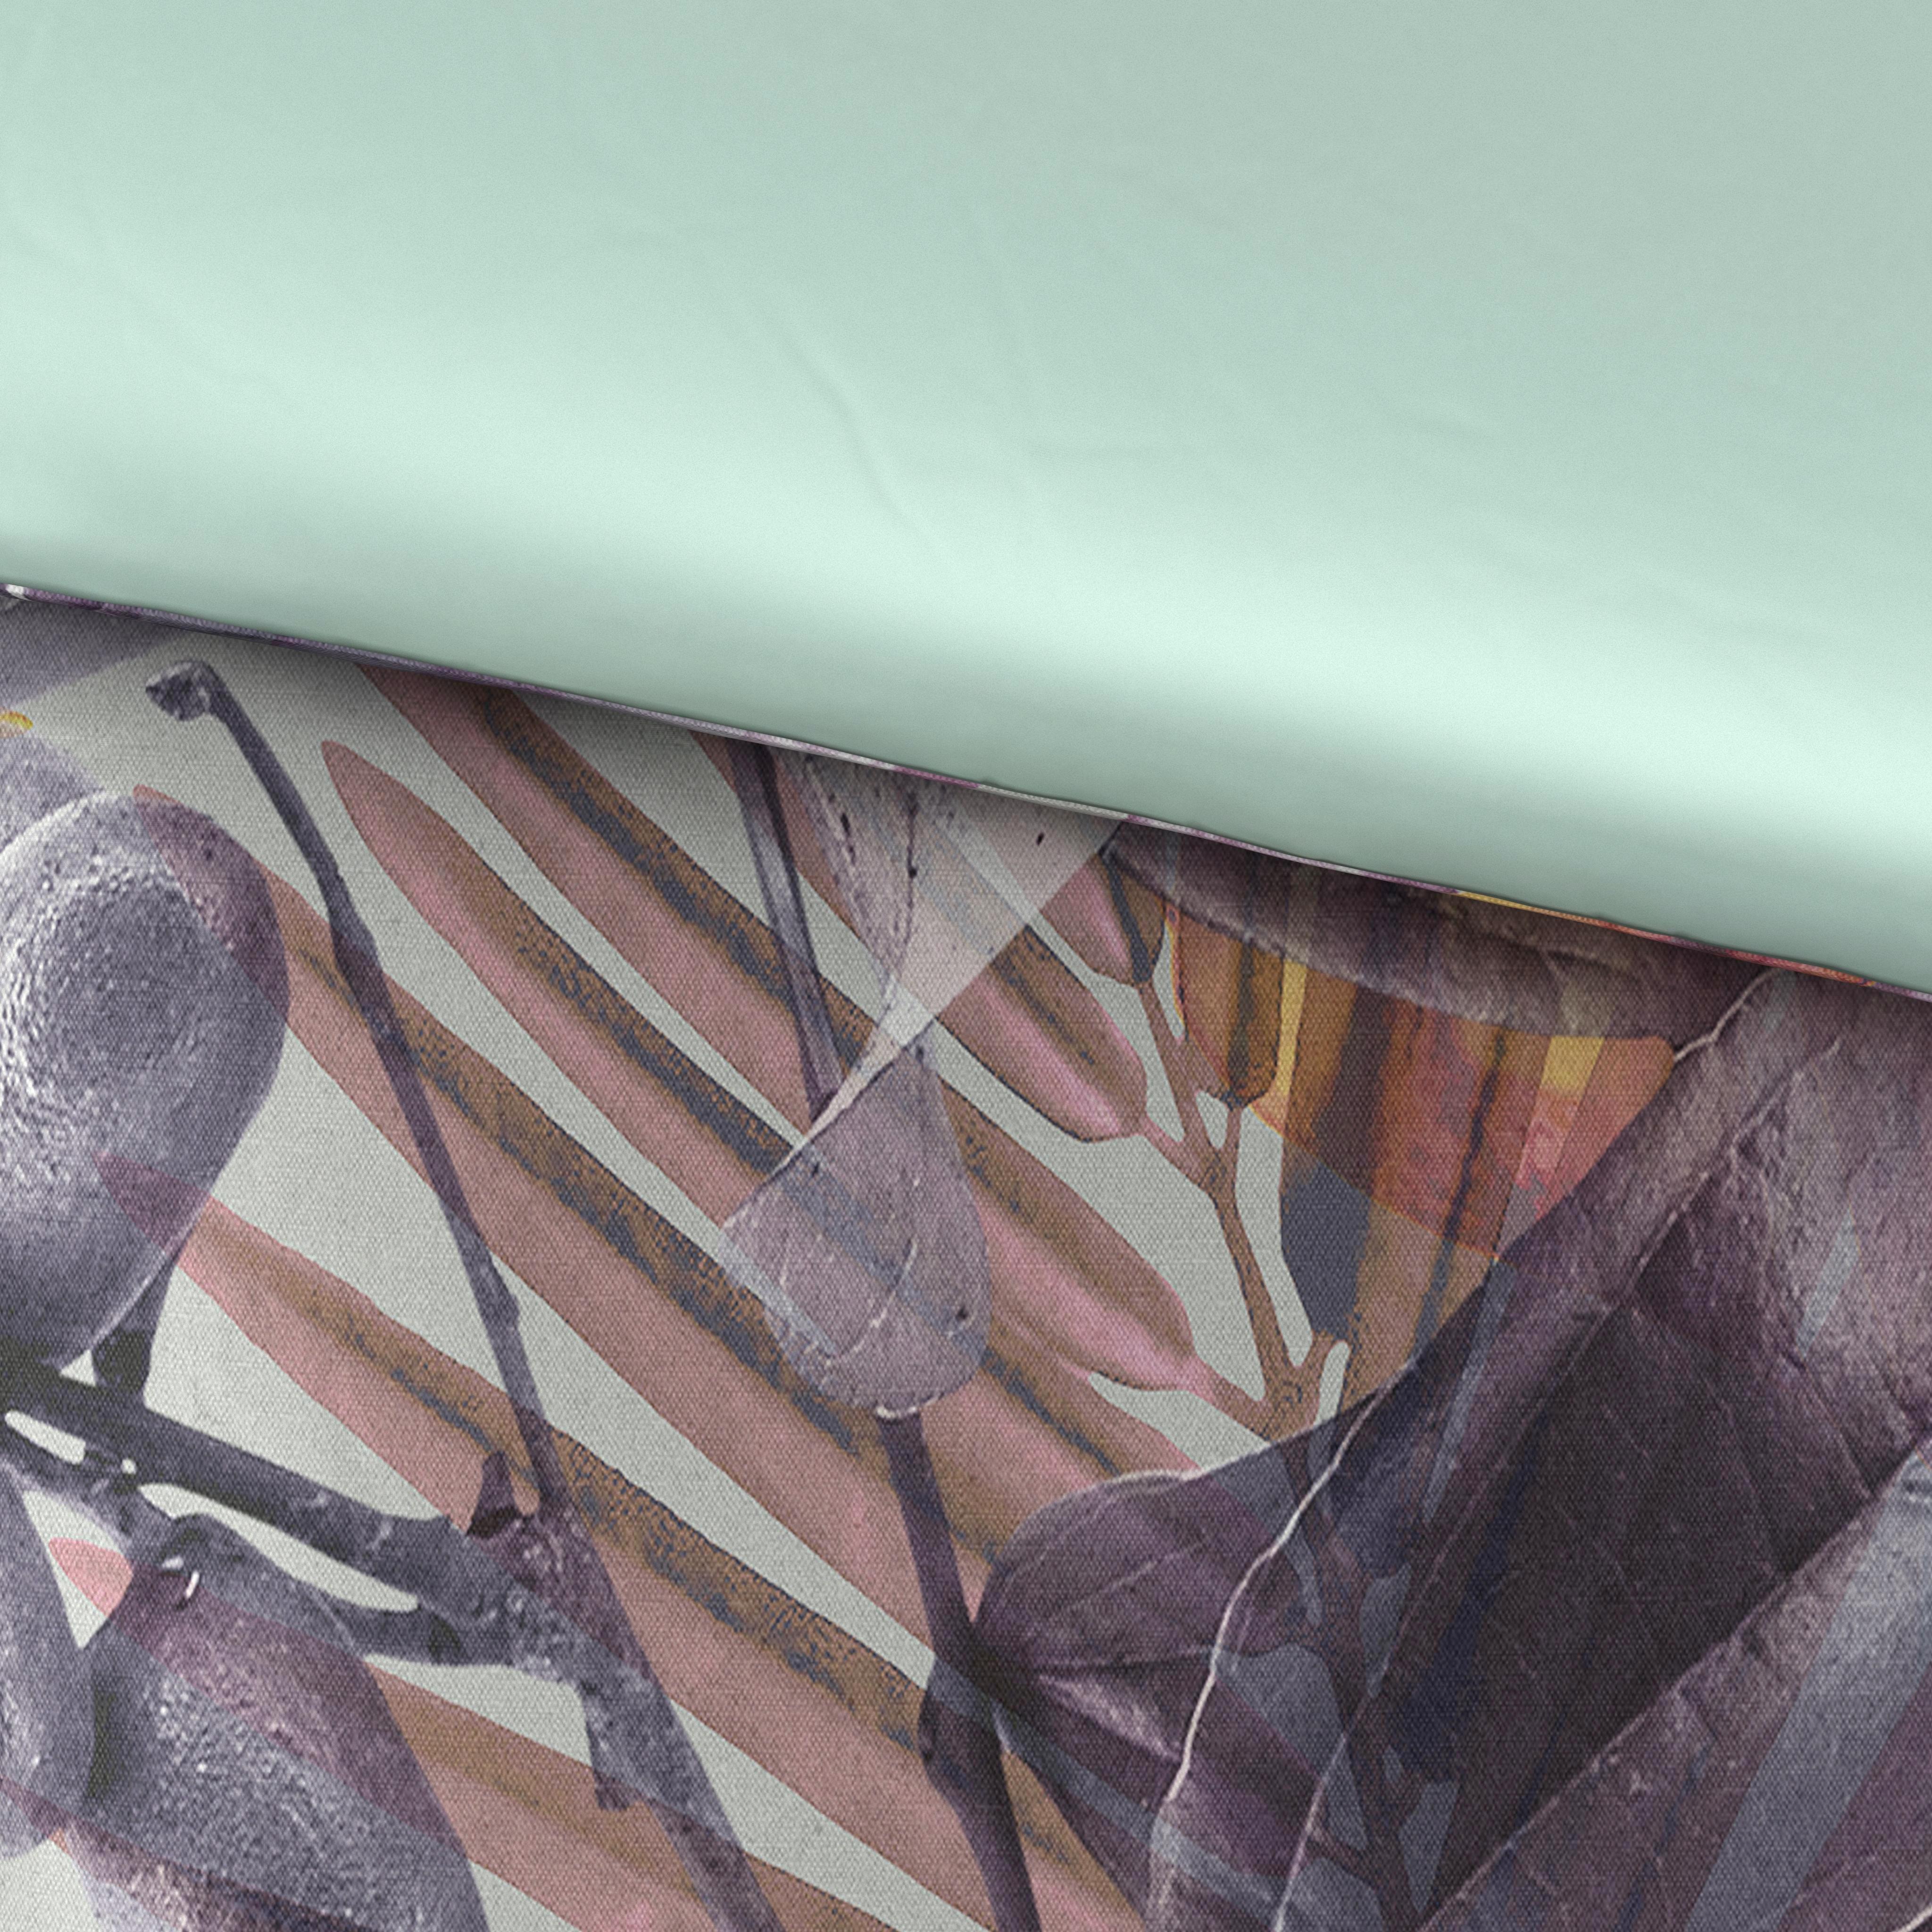 BETTWÄSCHE Satin Multicolor 155/220 cm - Multicolor, Design, Textil (155/220cm) - NOVEL